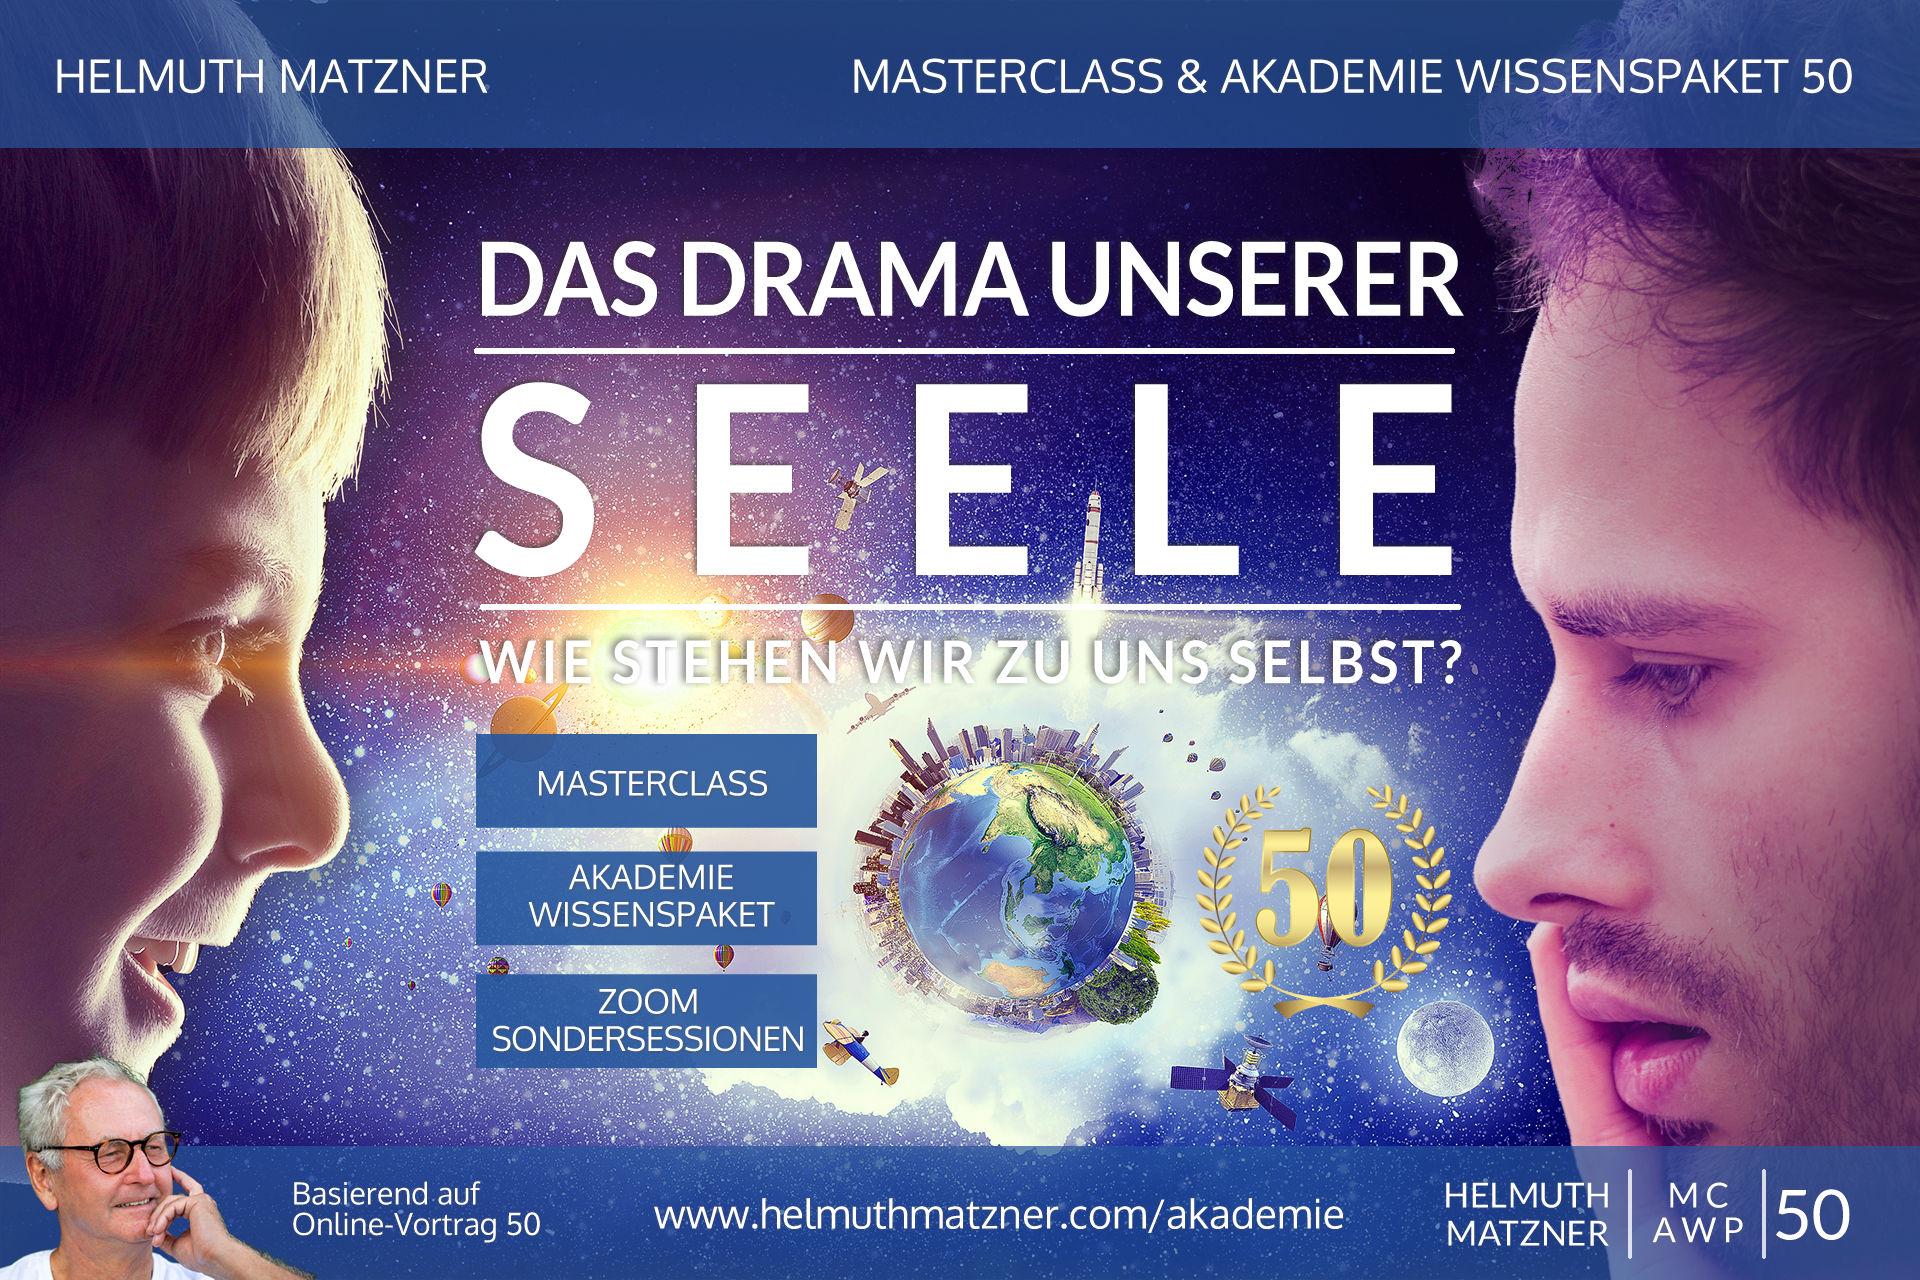 Helmuth Matzner - Masterclass & Akademie Wissenspaket 50 - Drama unserer Seele - Akademie Banner v05C